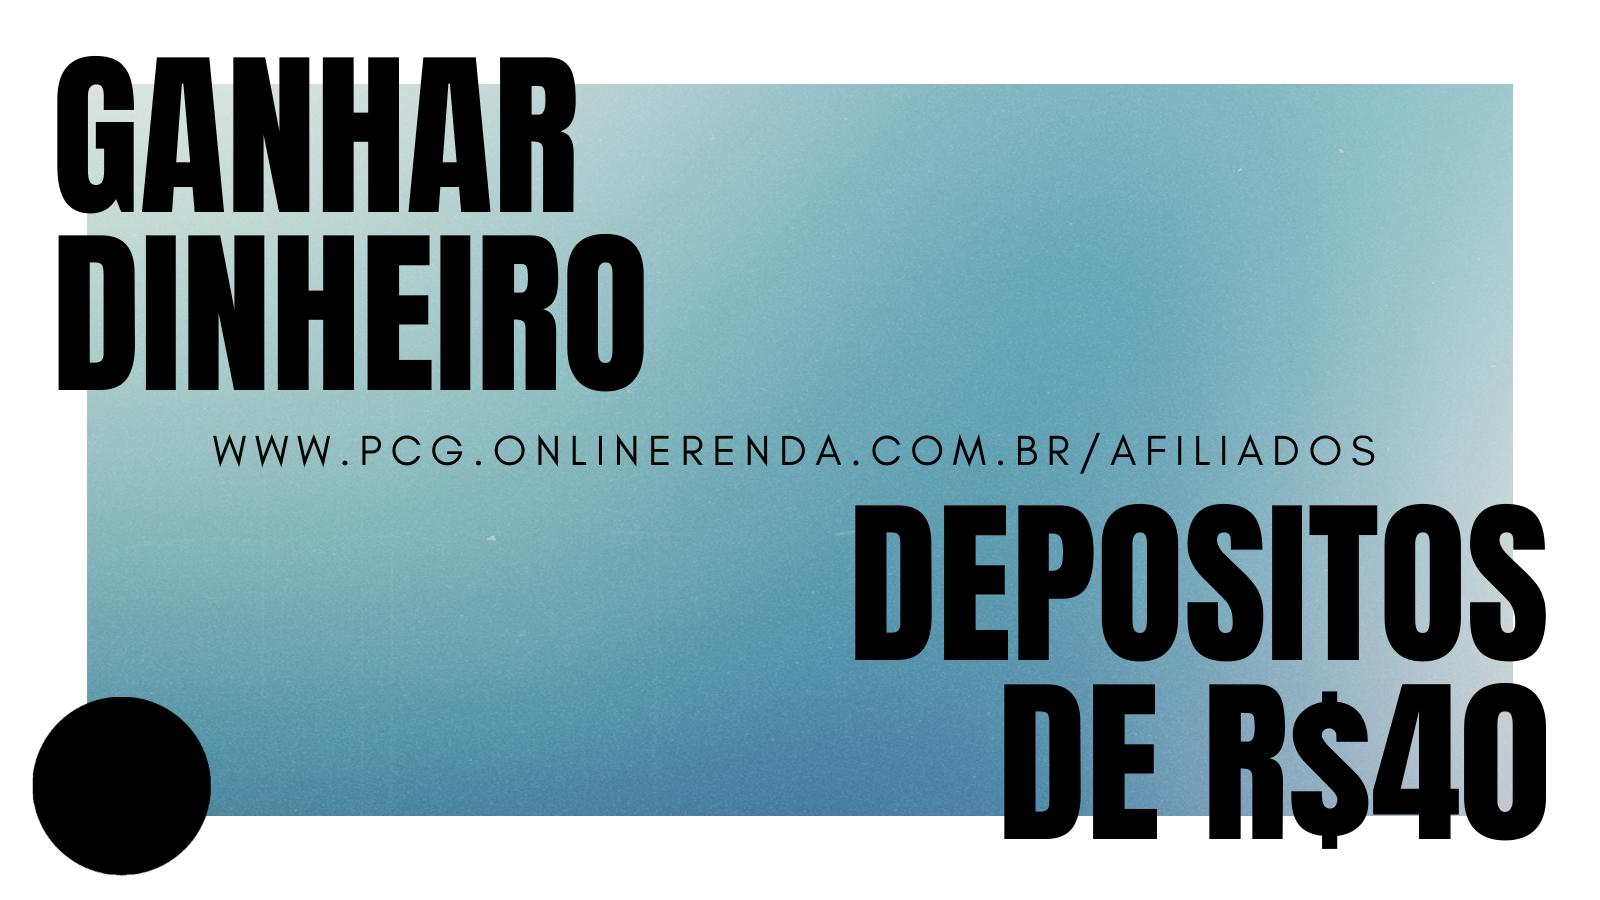 Receba Depositos de R$40